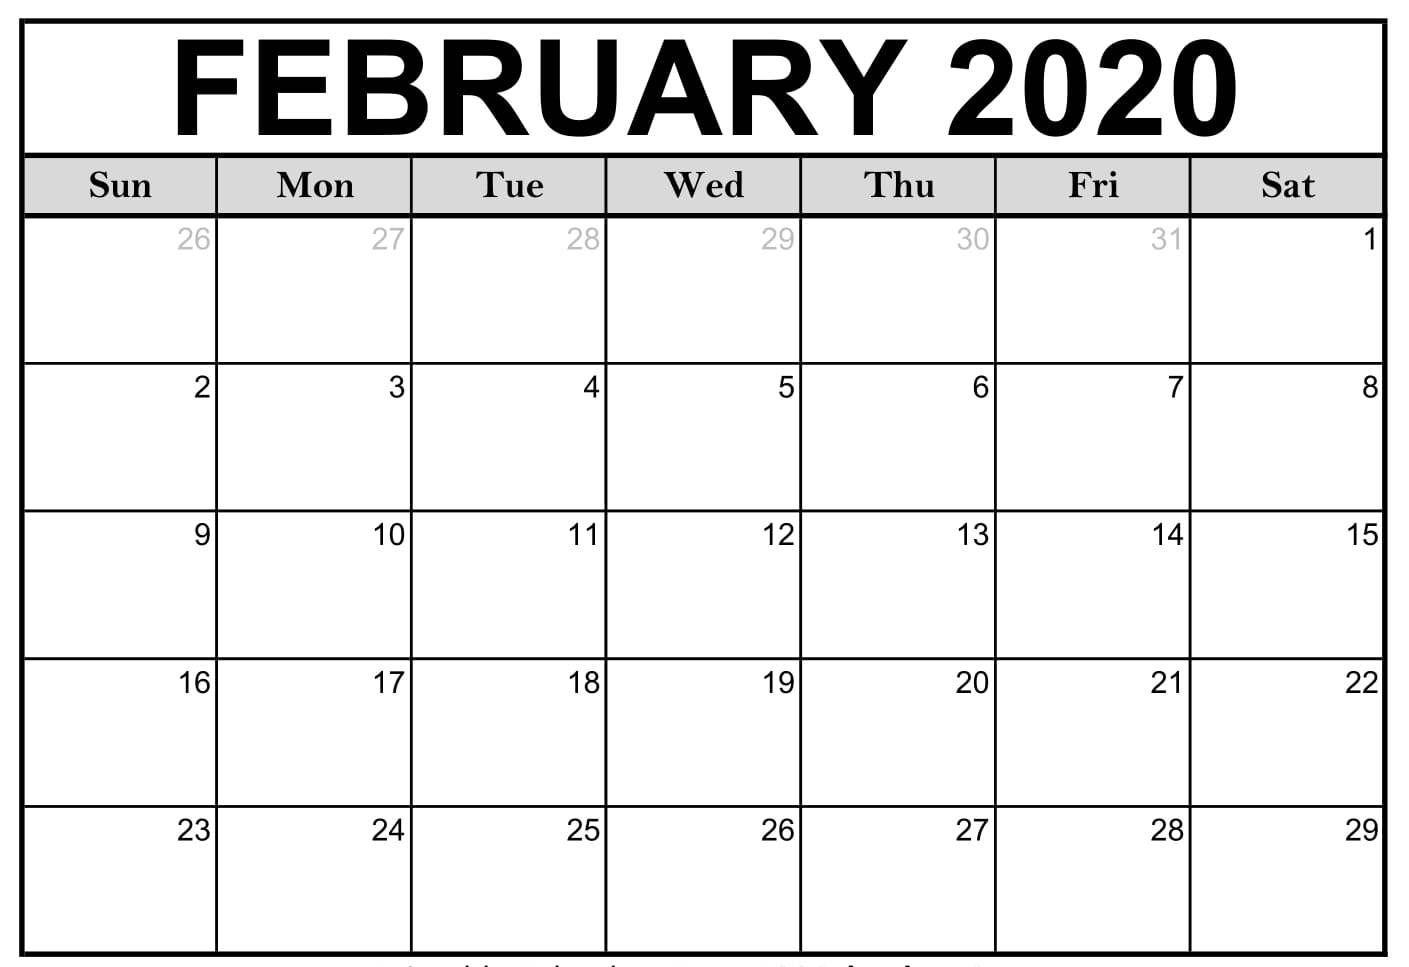 February 2020 Printable Calendar | Calendar Printables